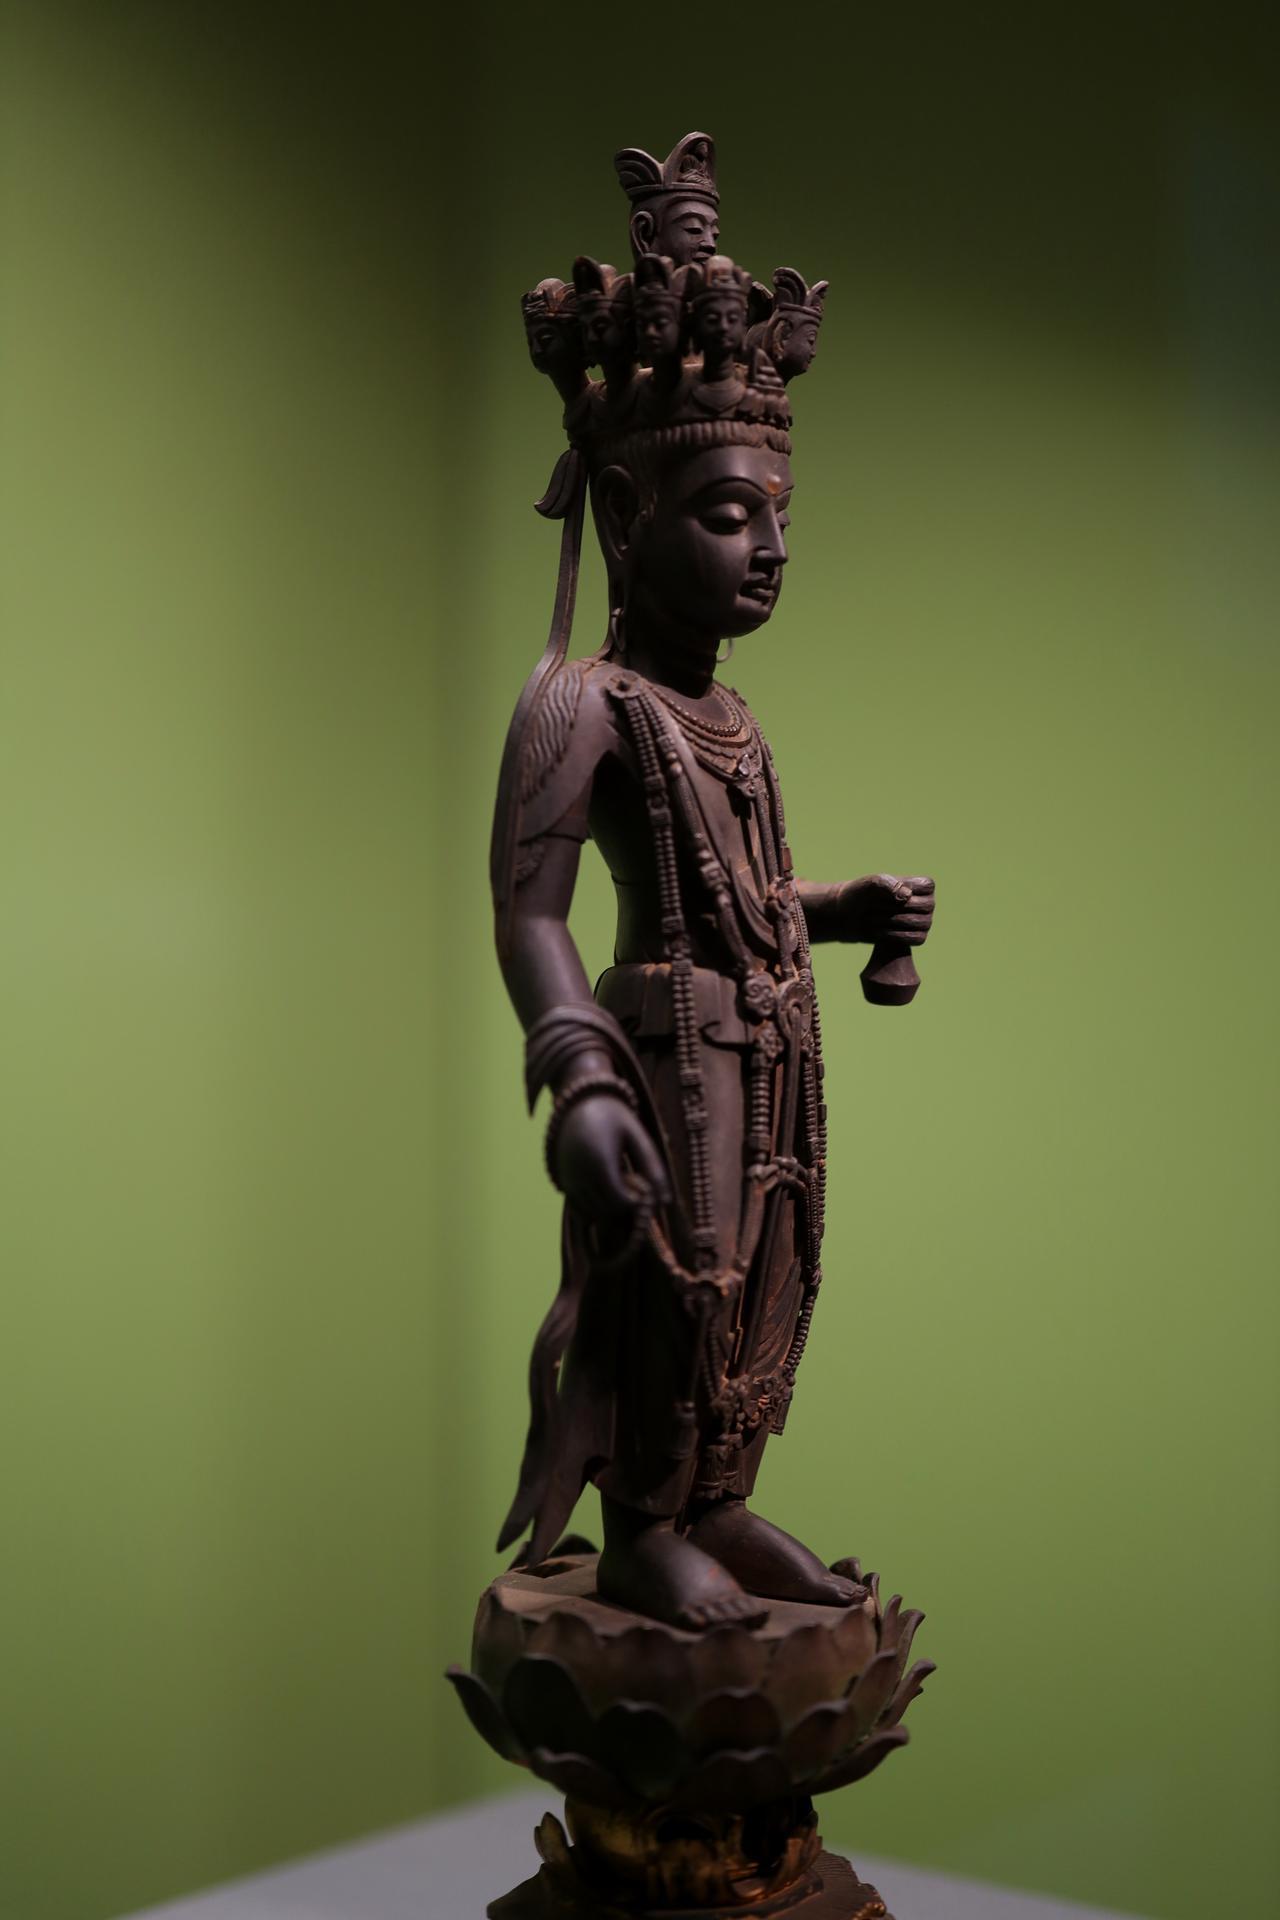 画像: 十一面観音菩薩立像 中国・唐時代7世紀 東京国立博物館 重要文化財 白檀の一木から彫り出された精緻な表現